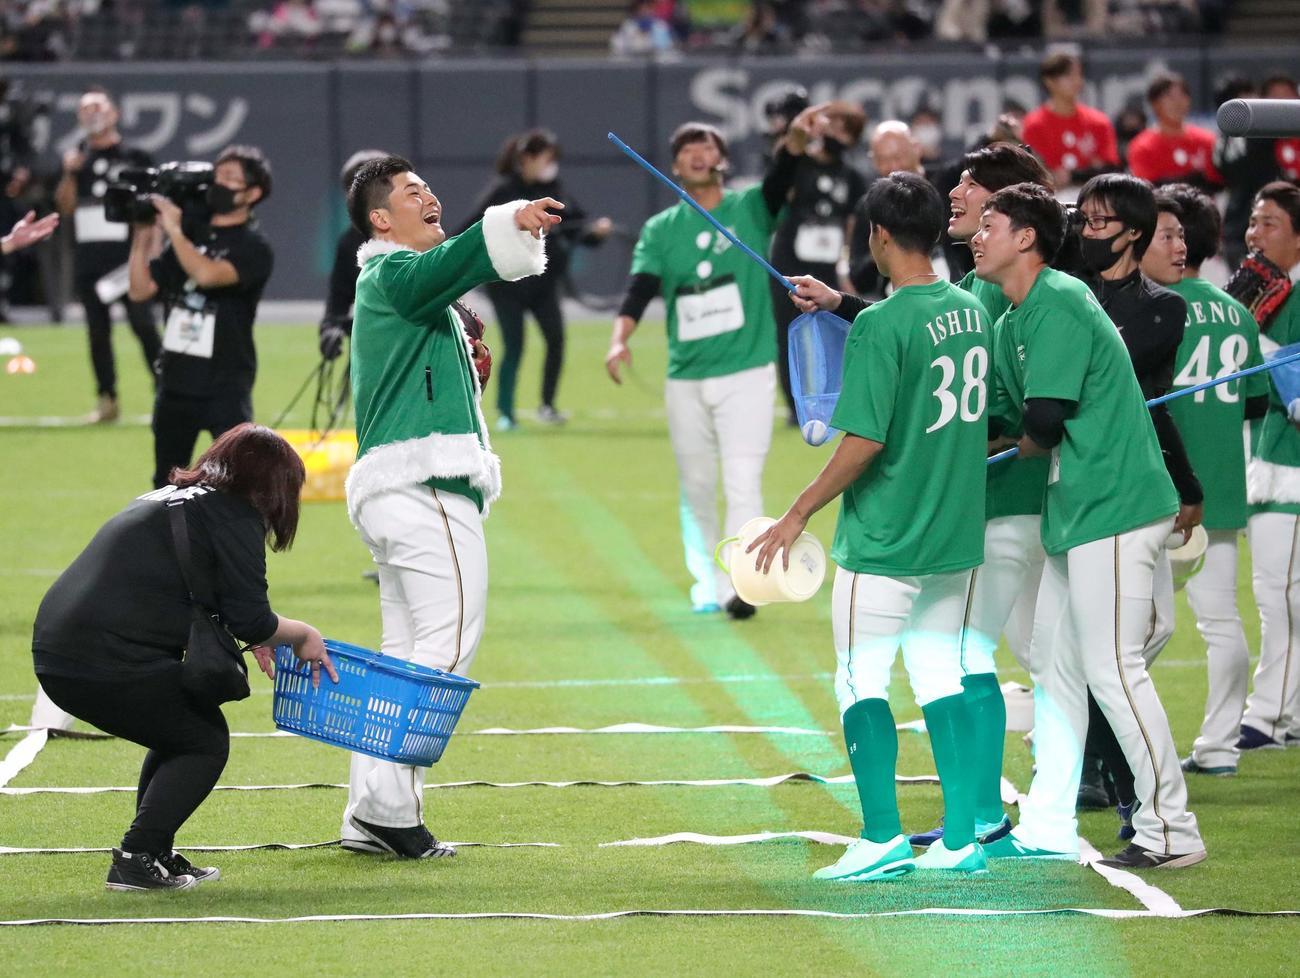 ベースボールバトルで打球を捕球出来ずチームメートから言い寄られる清宮(左)(撮影・佐藤翔太)